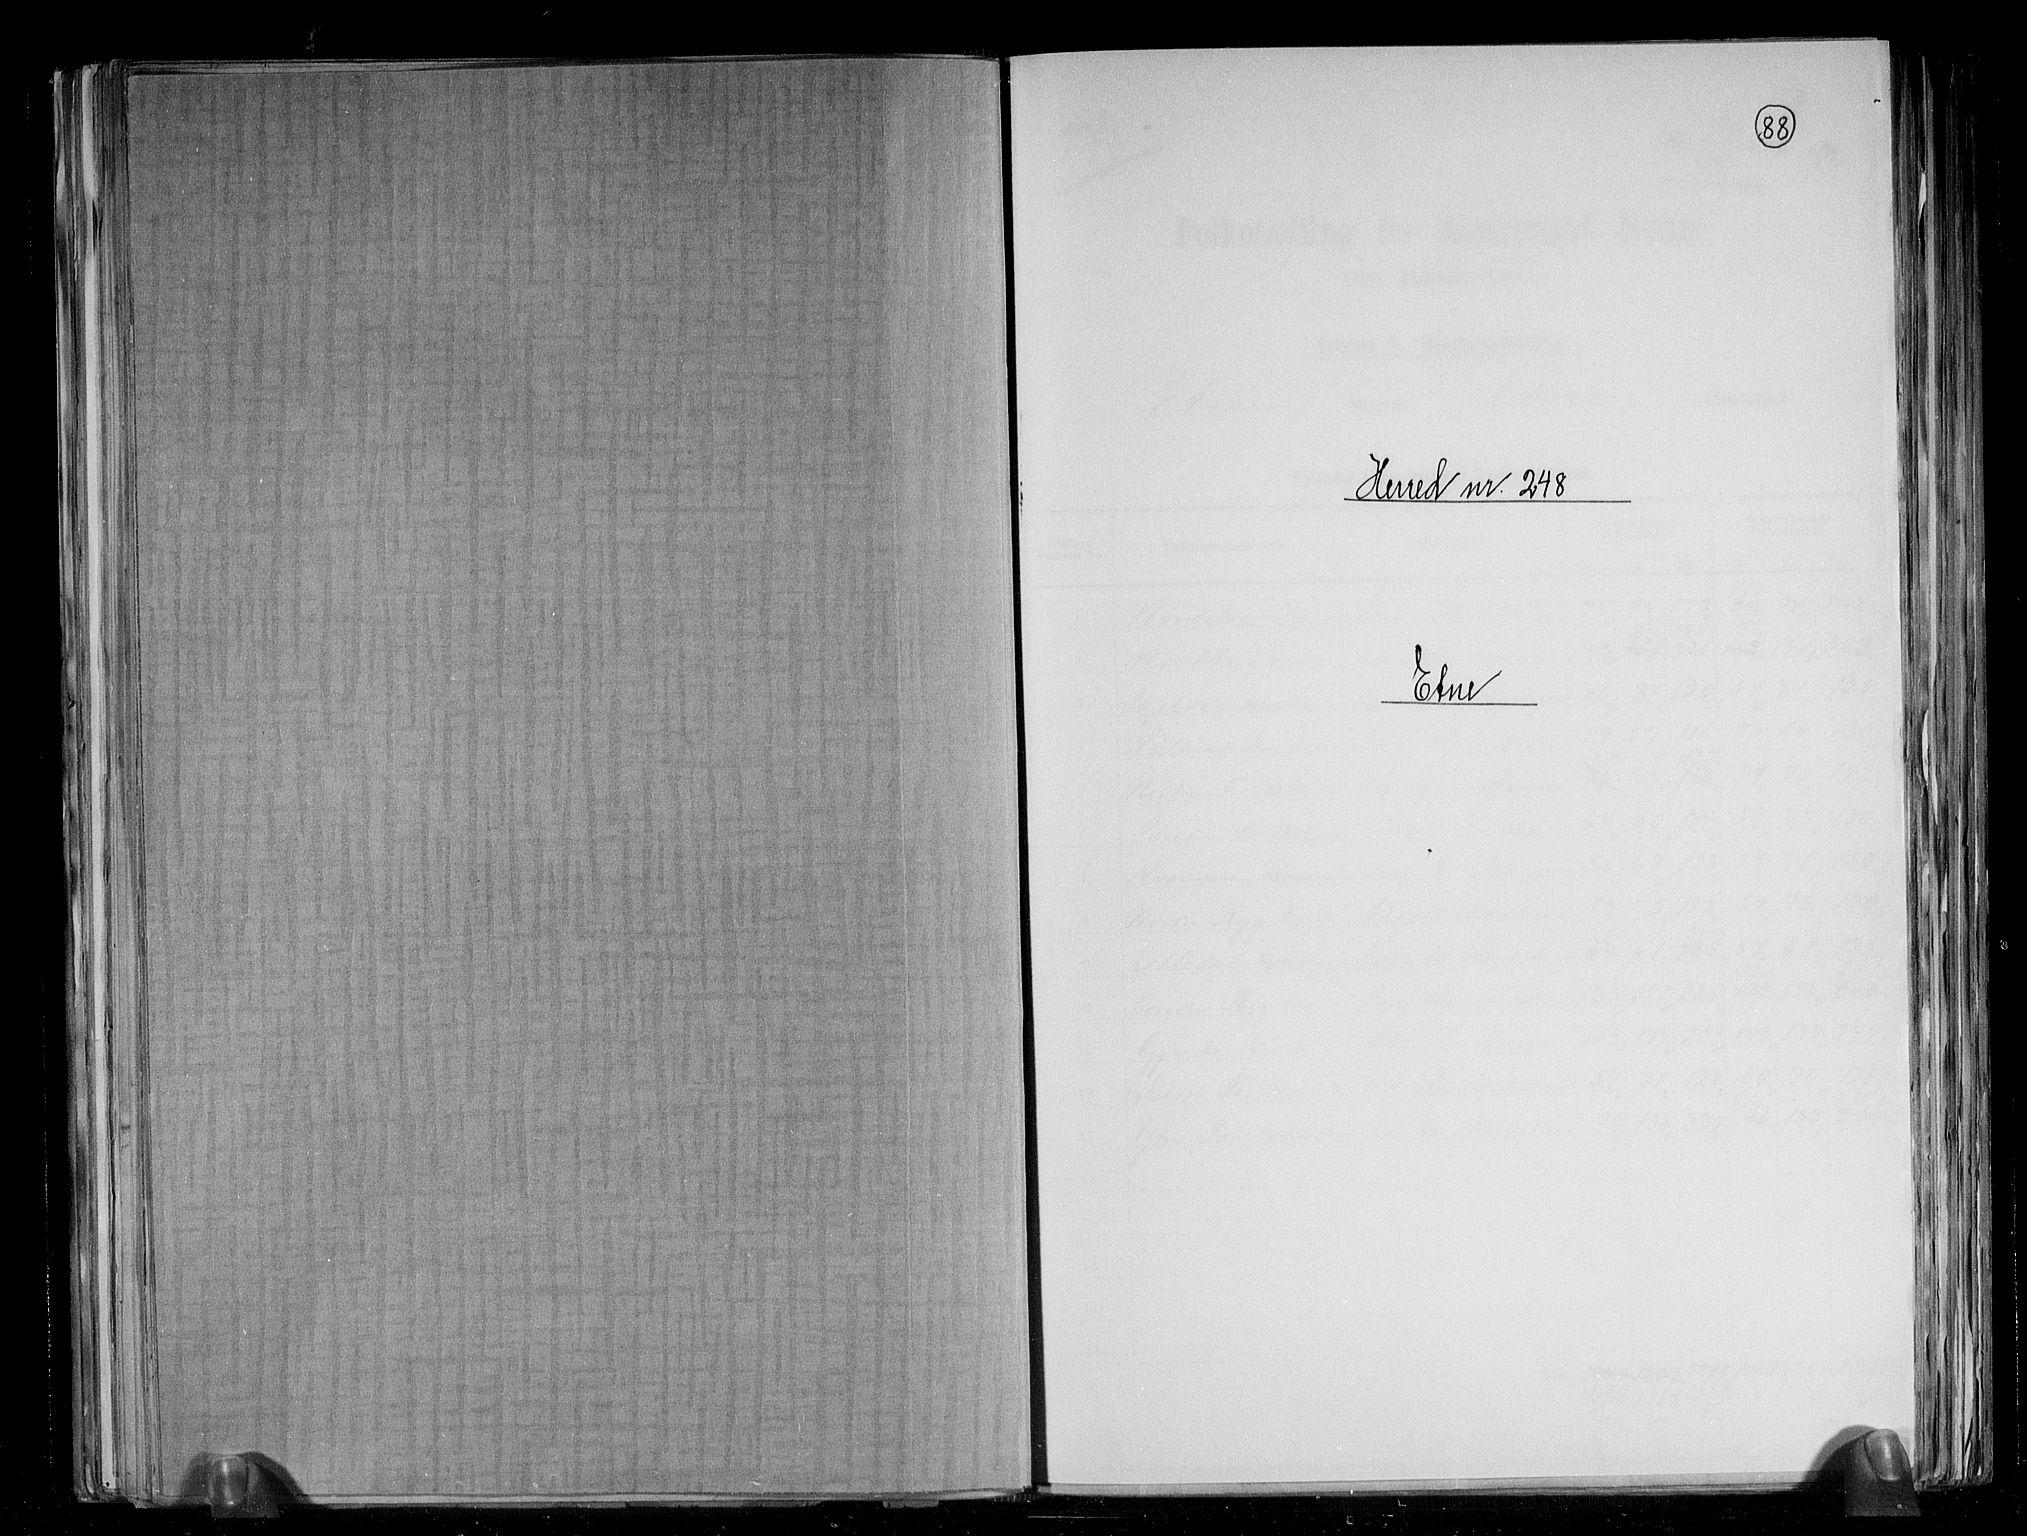 RA, Folketelling 1891 for 1211 Etne herred, 1891, s. 1